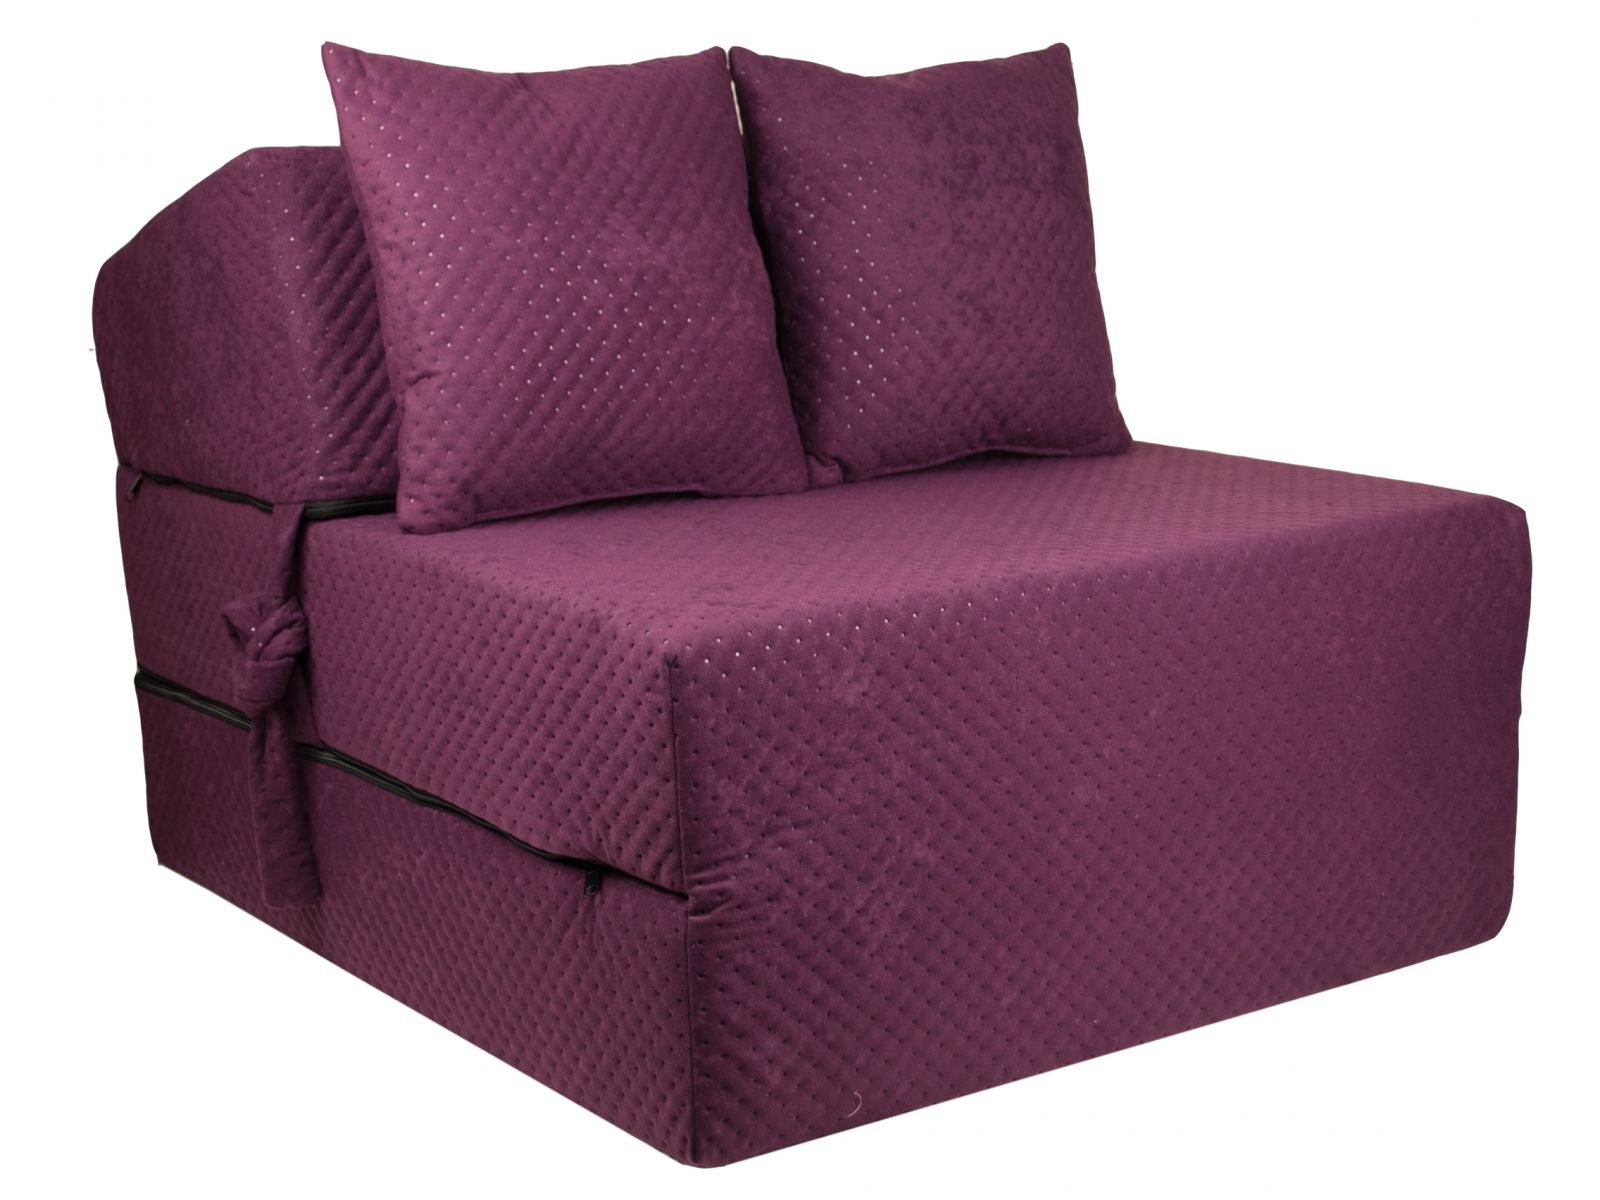 Fimex Rozkládací křeslo - matrace pro hosty Comfort fialové